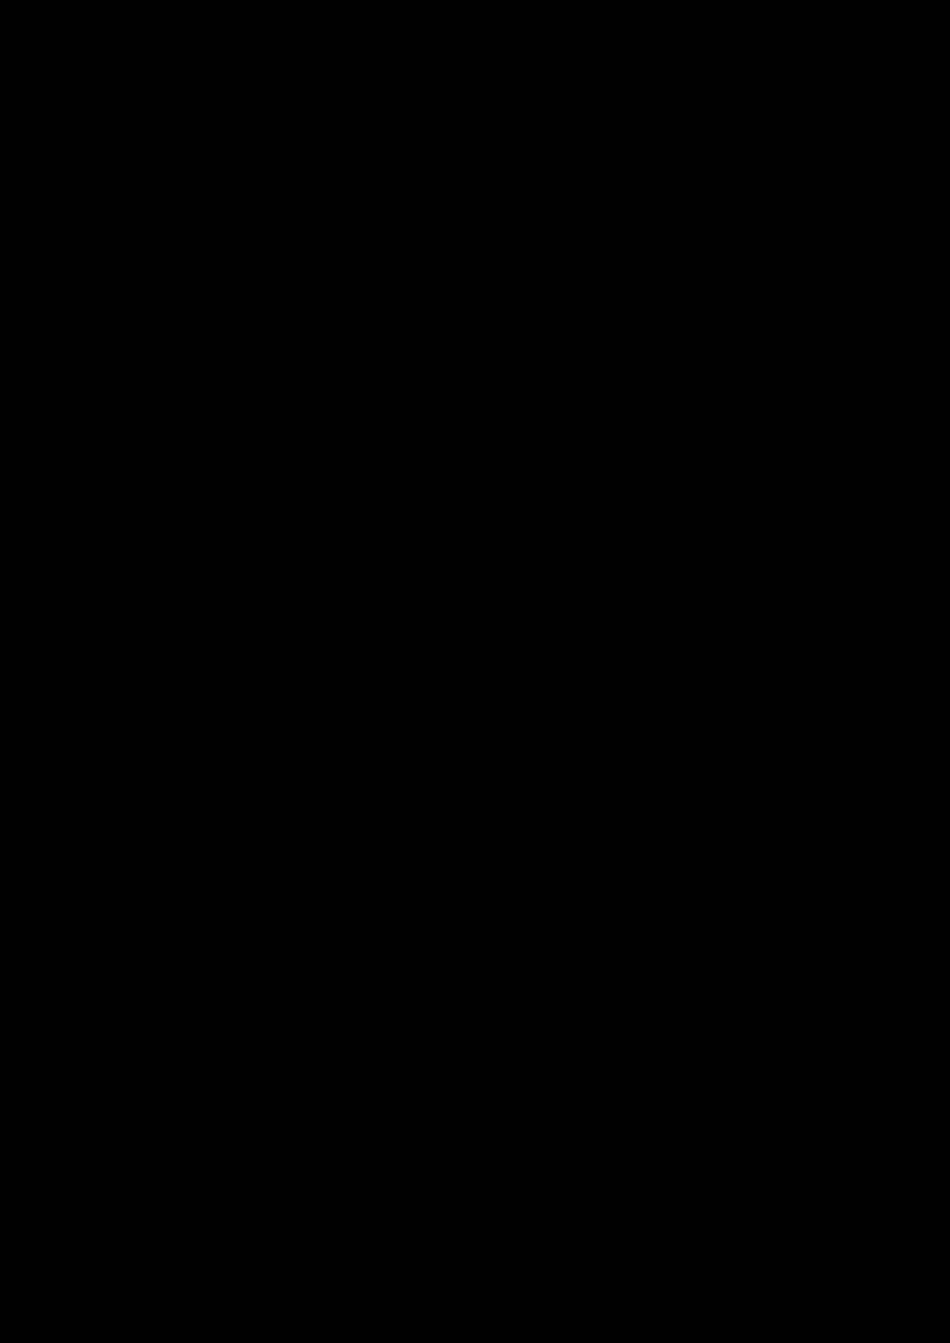 evento-jab-politec-genova